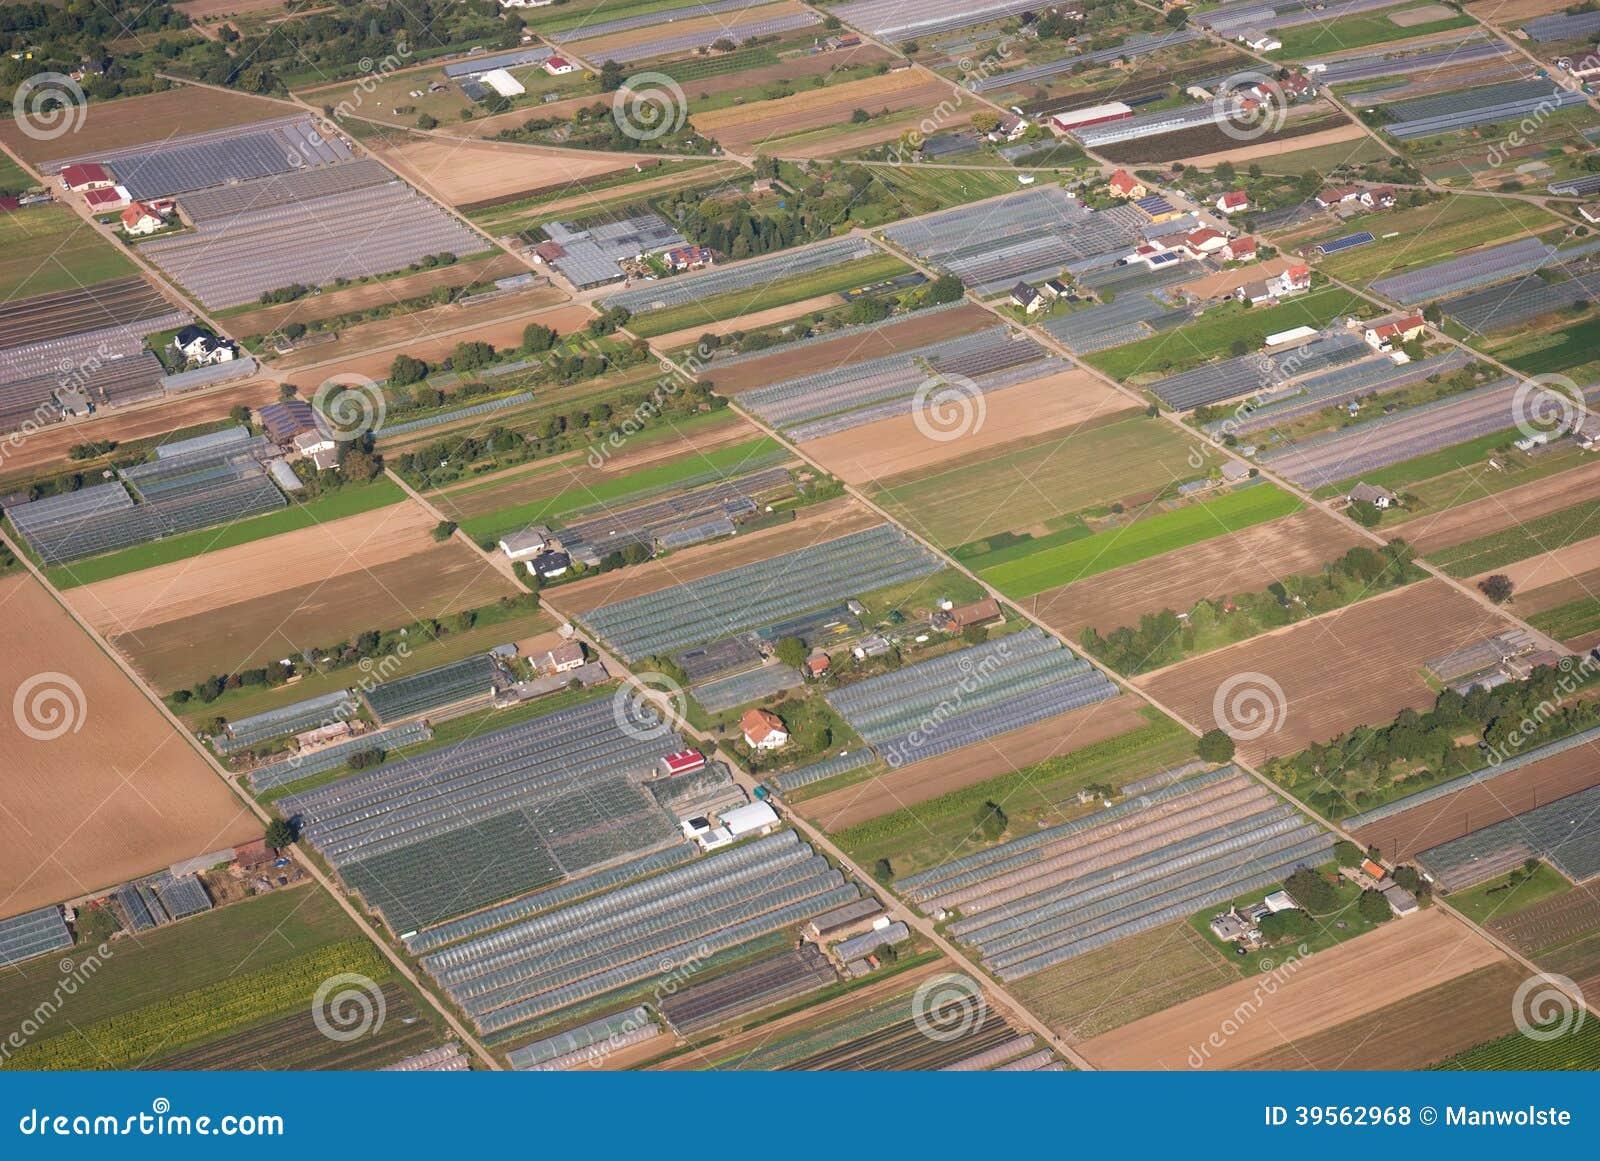 Widok z lotu ptaka rolniczy teren w Niemcy, Europa